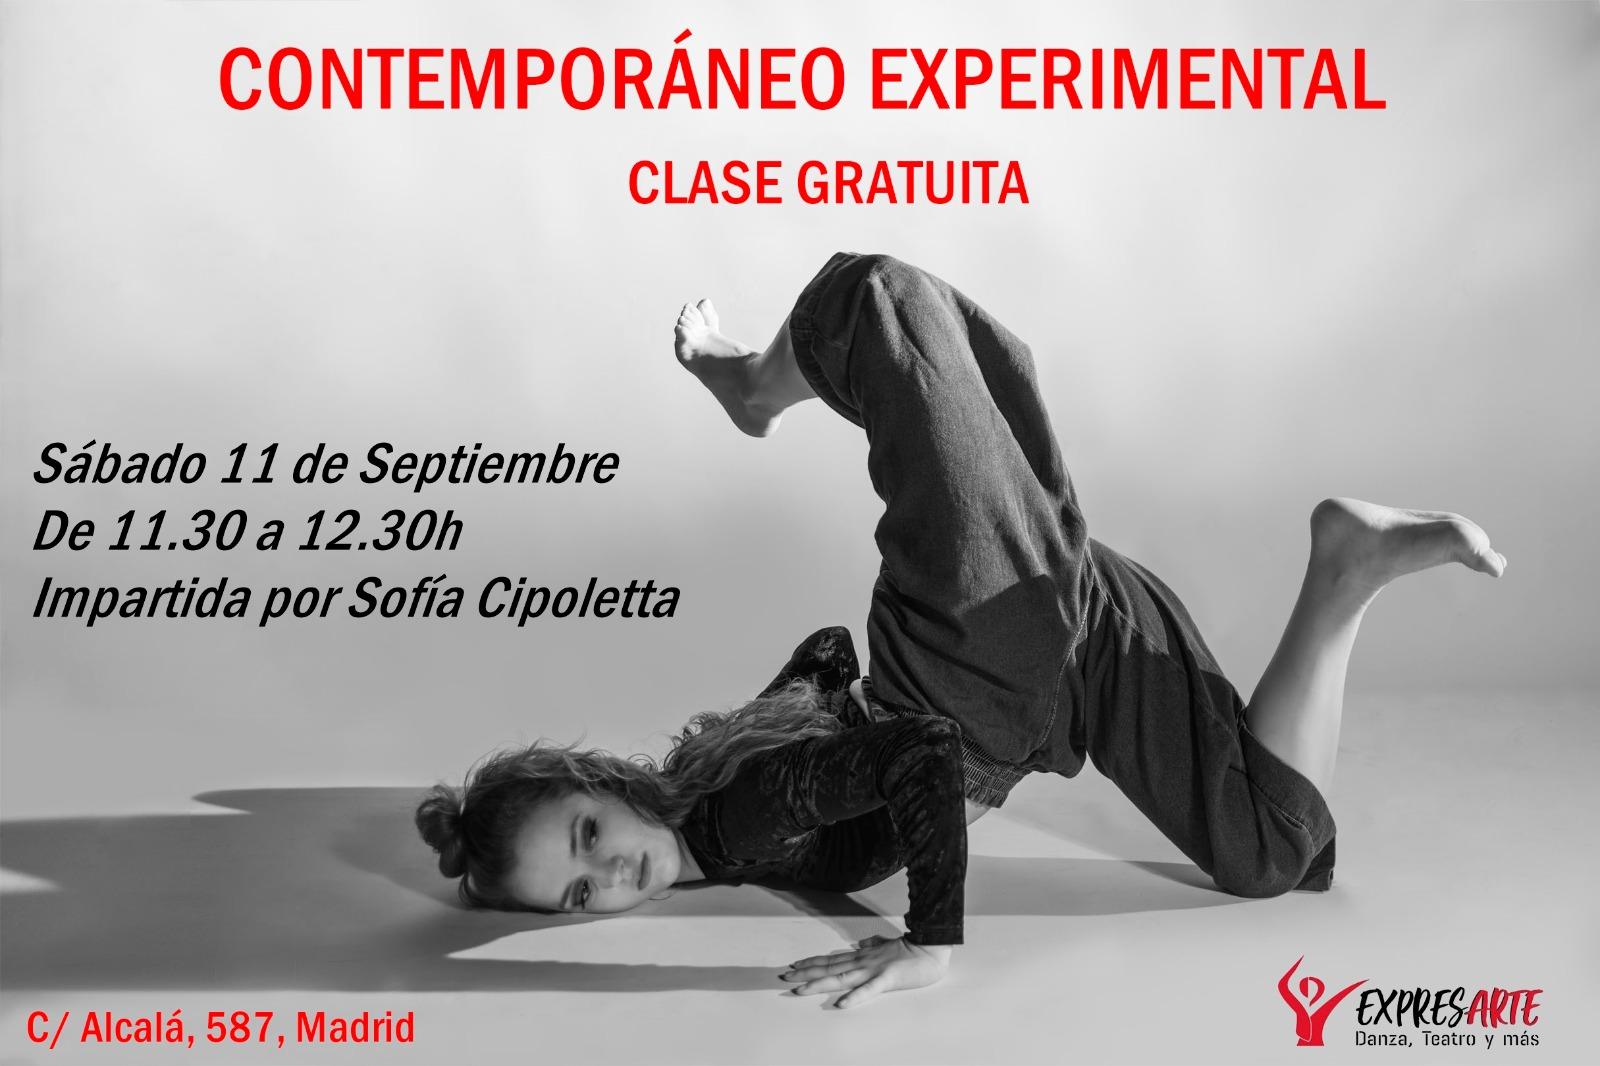 Clases de baile contemporáneo experimental